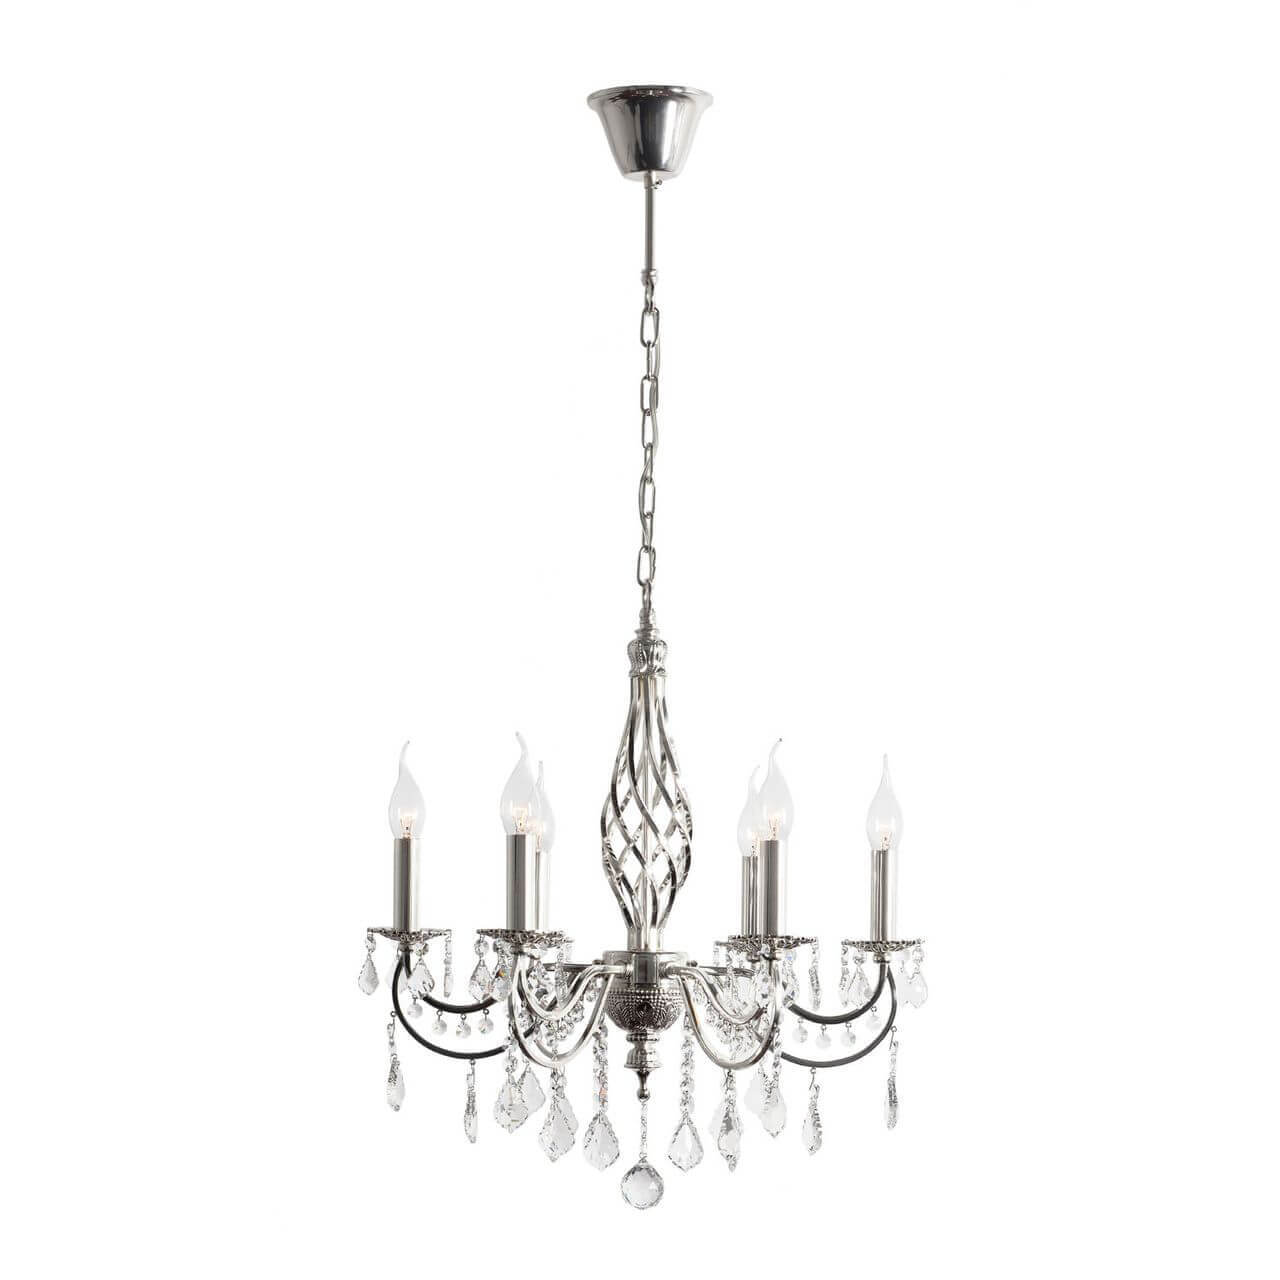 цена на Люстра Arti Lampadari Deco E 1.1.6.600 S Deco Silver